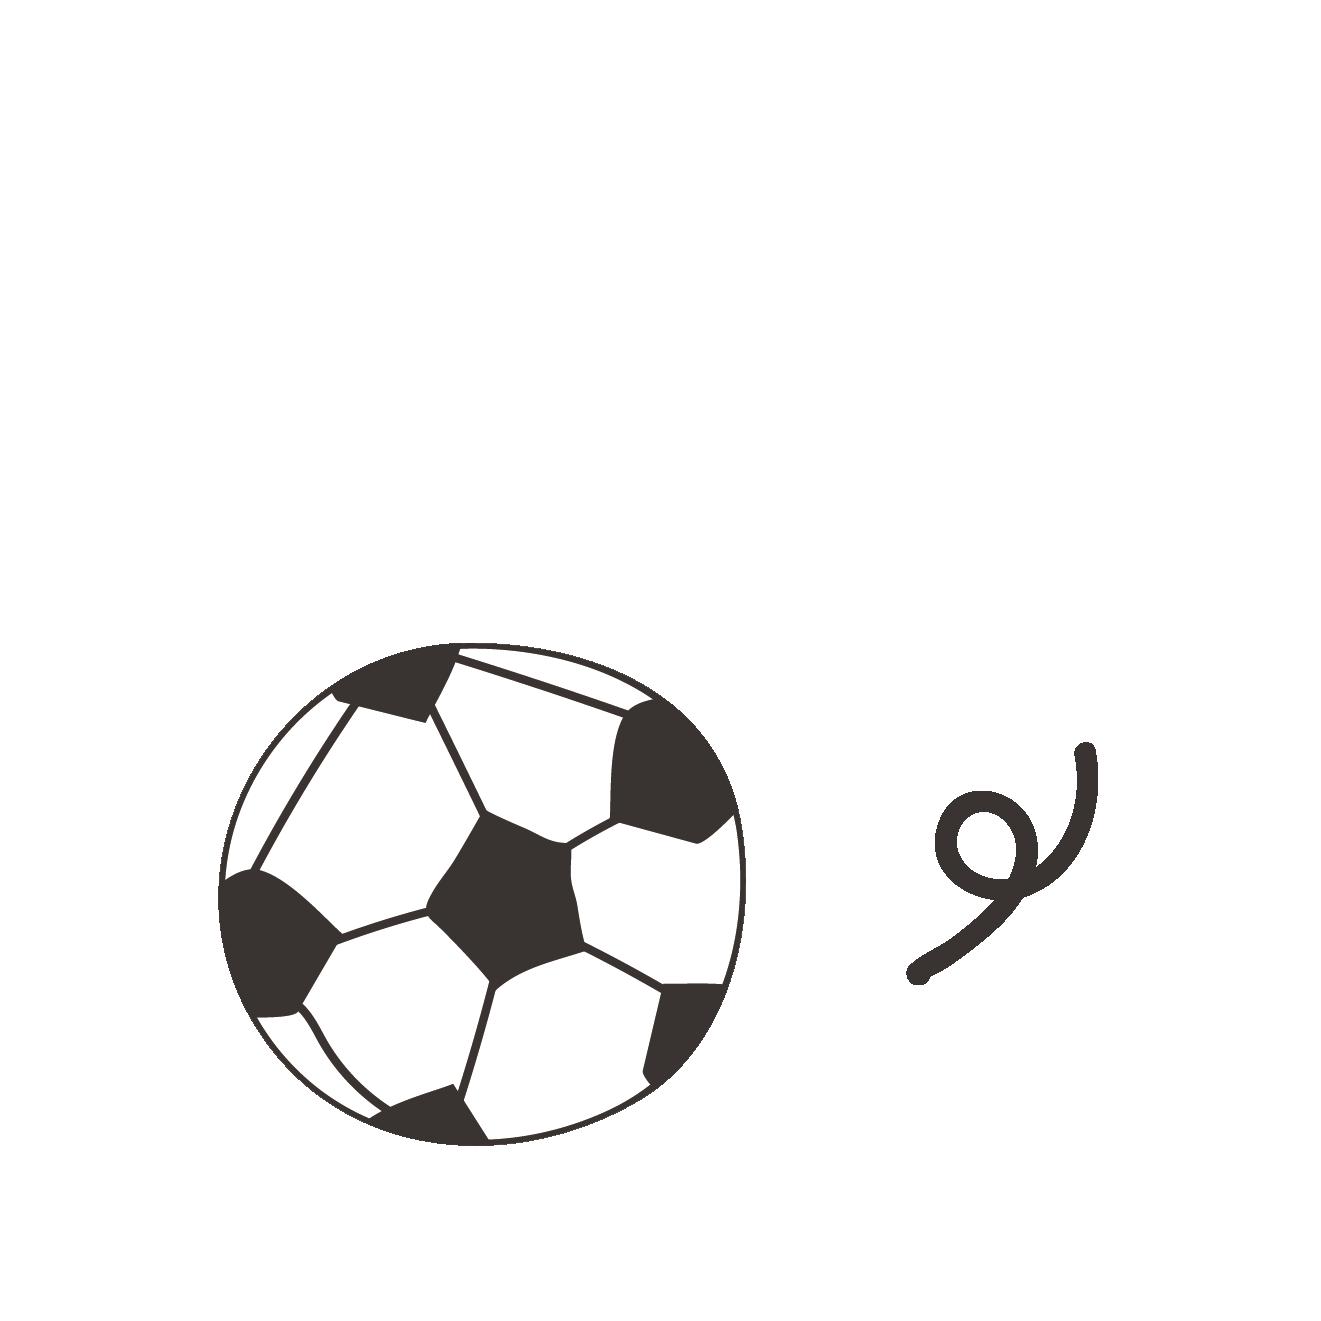 サッカーボールの手描き風タッチのイラスト【スポーツ】 | 商用フリー